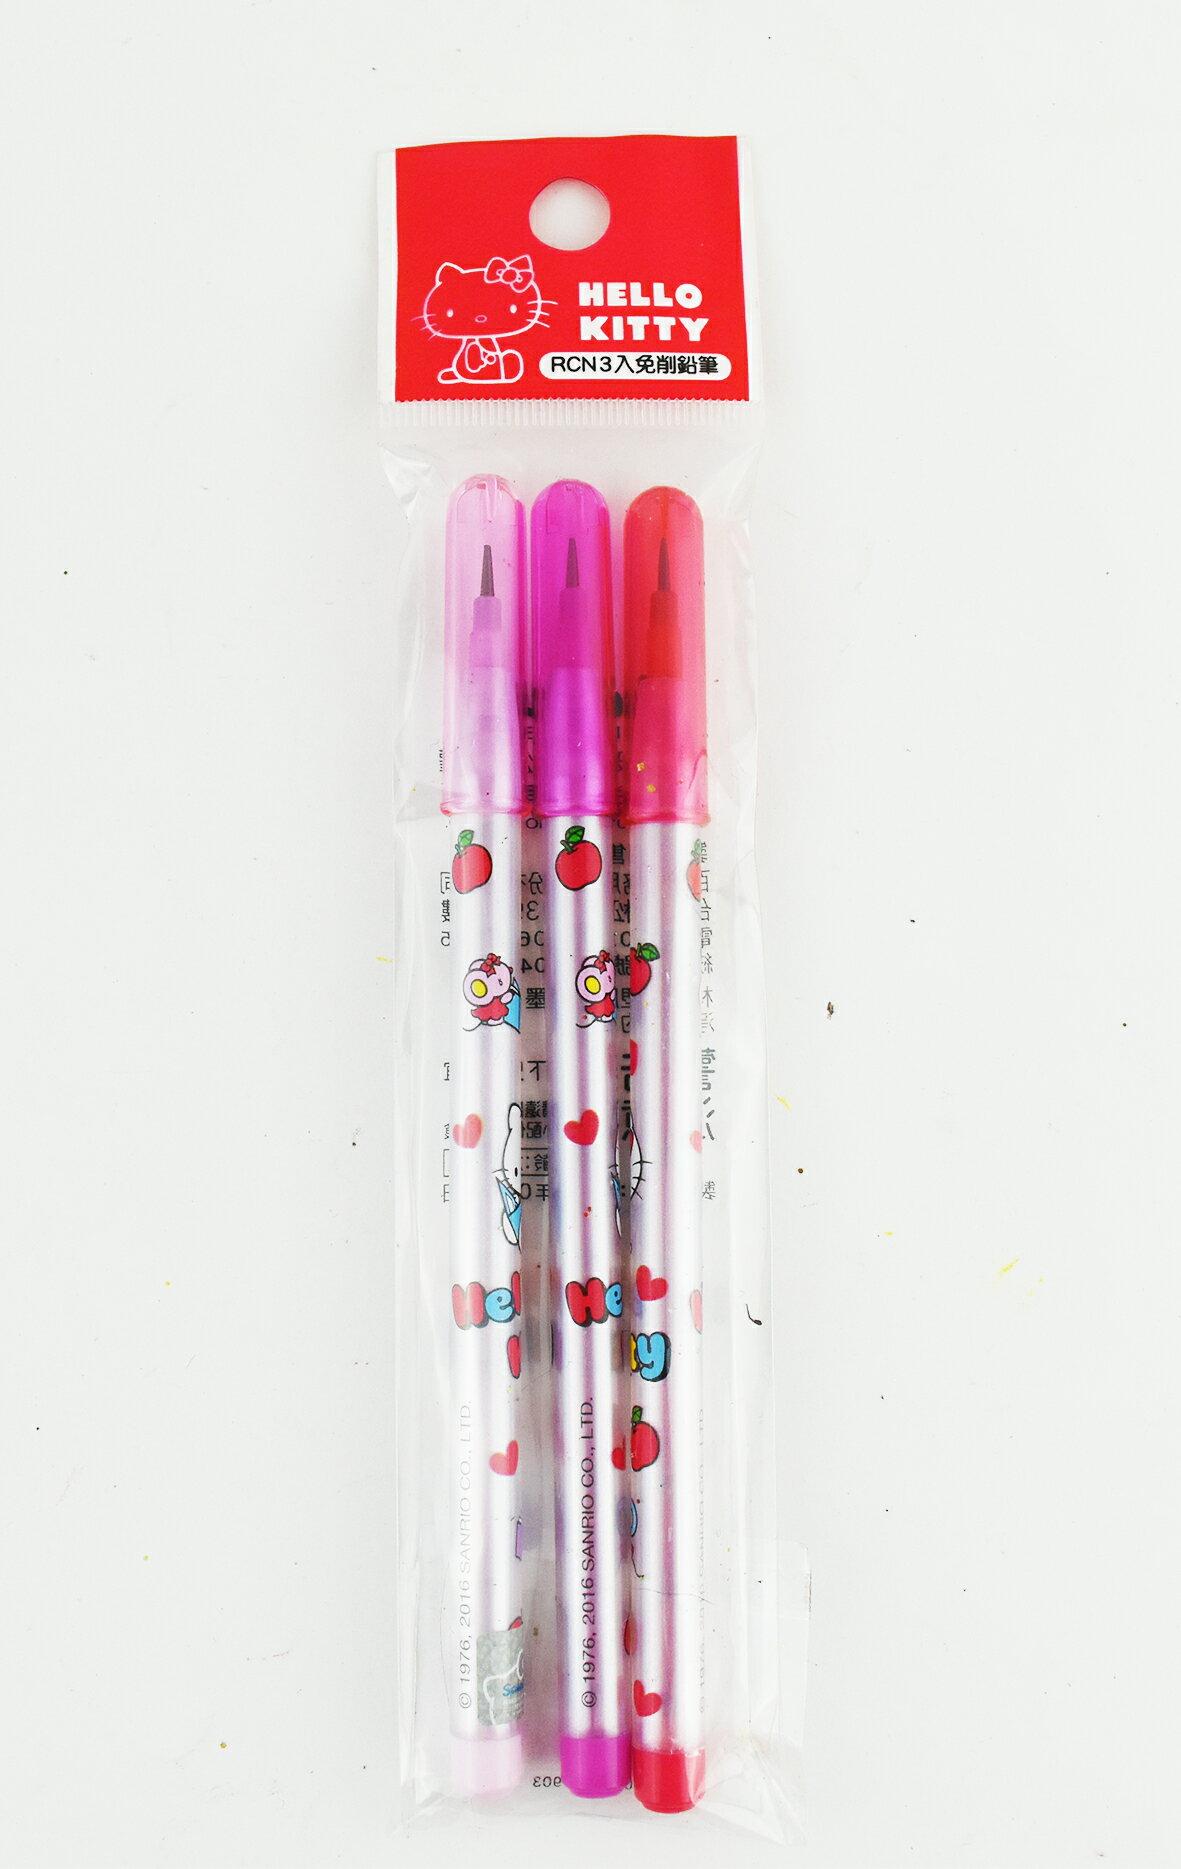 X射線【C832427】KITTY免削鉛筆3入,文具/開學用品/筆/書寫工具/鉛筆/自動筆/凱蒂貓